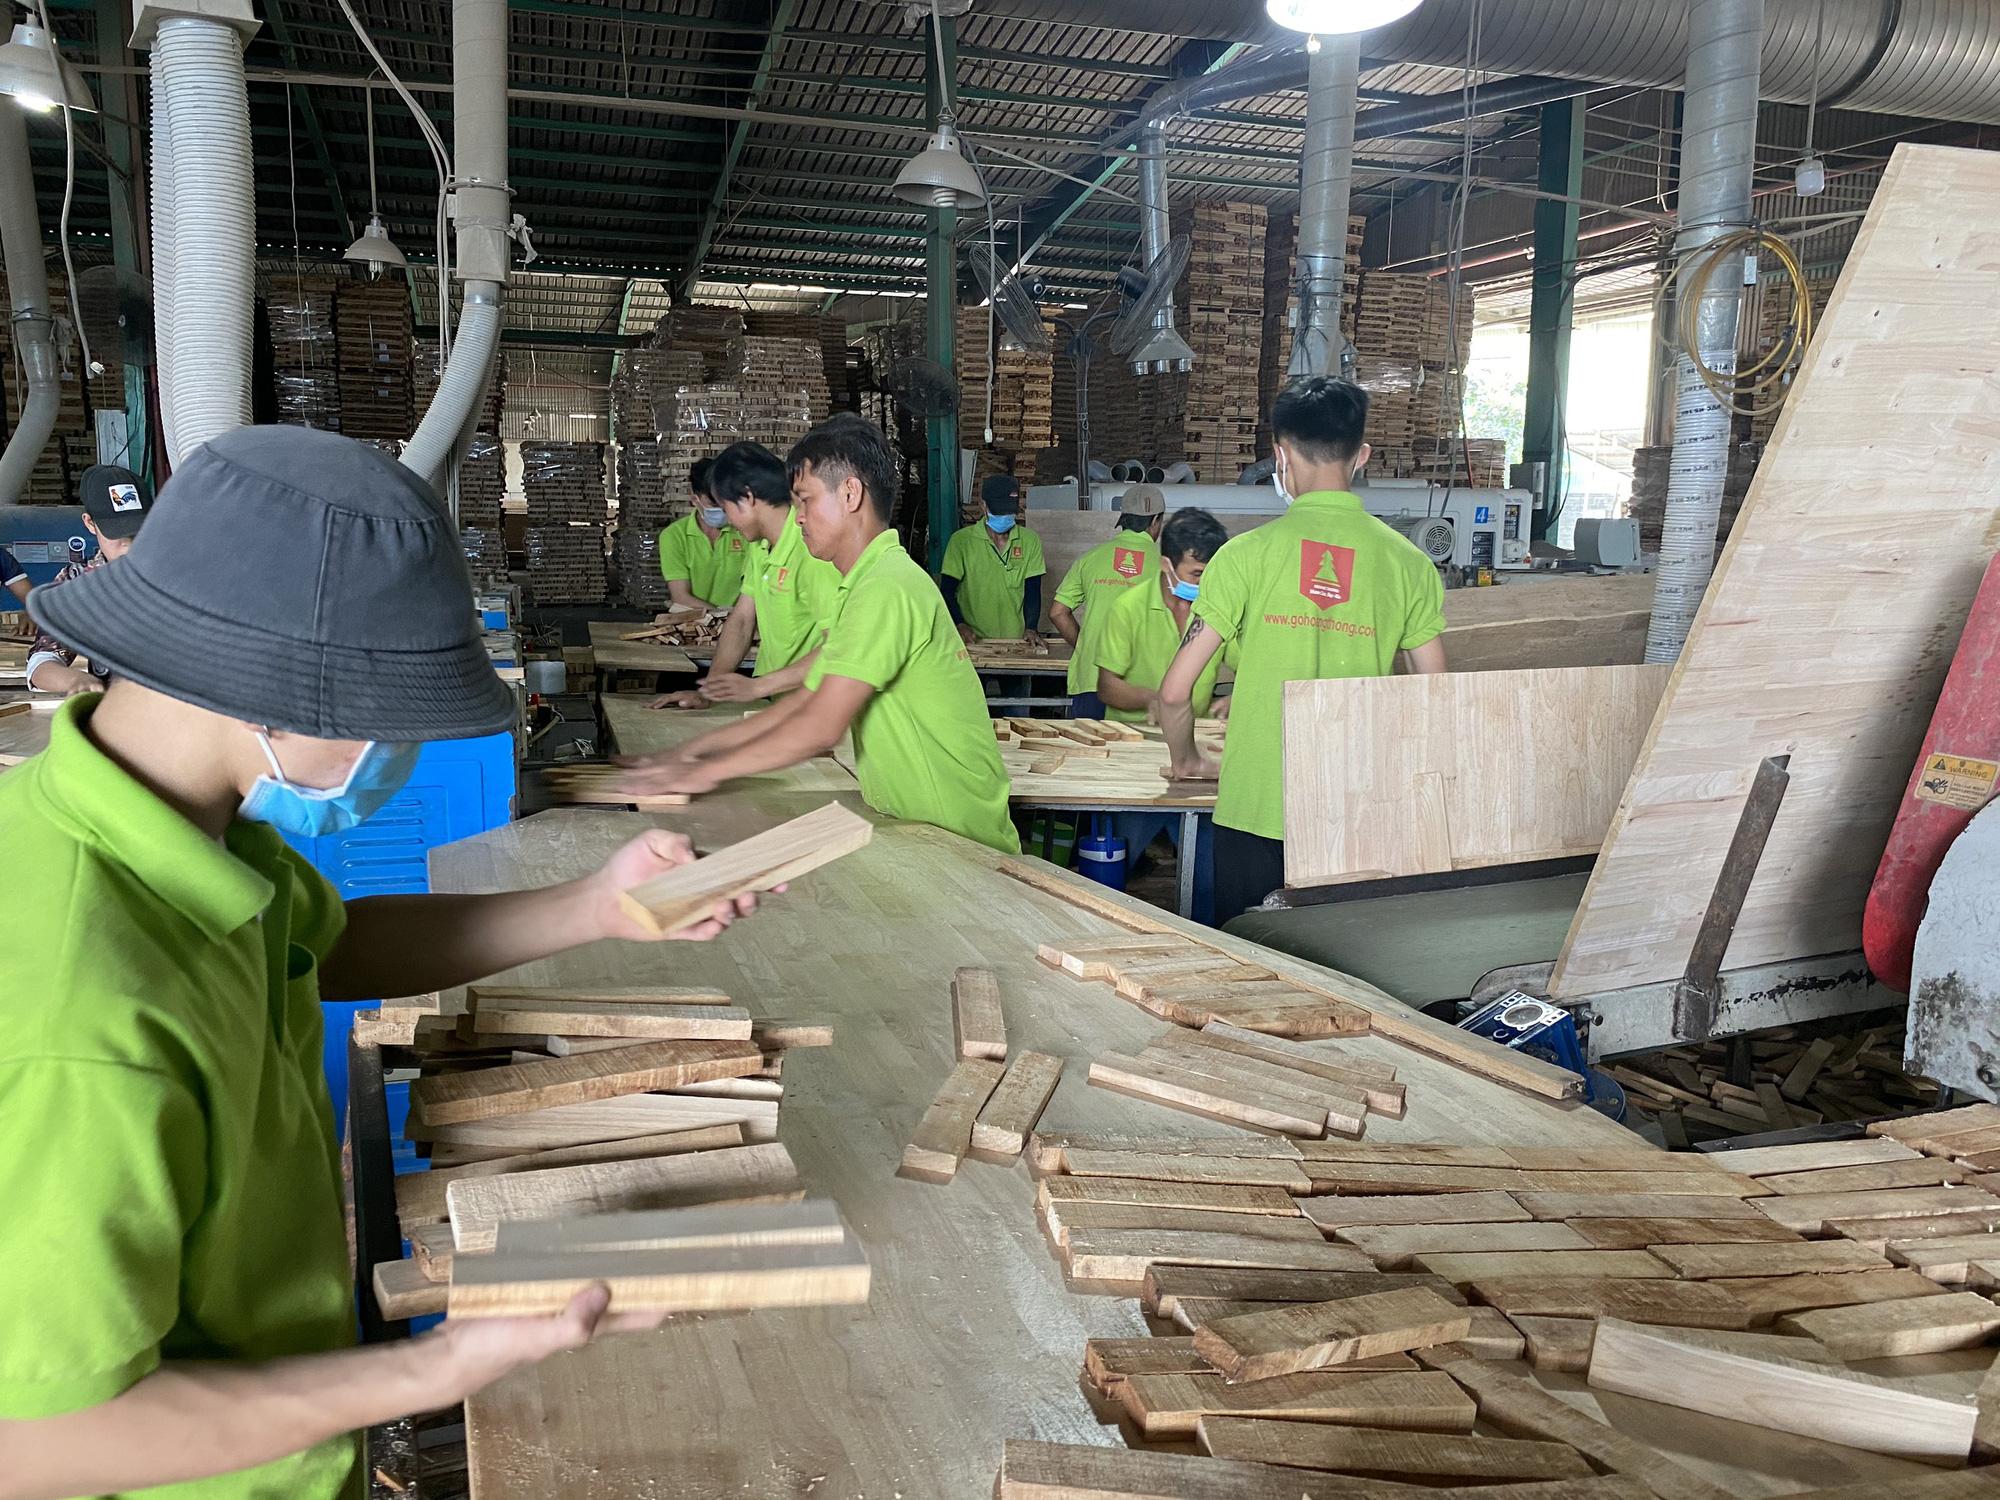 EVFTA chính thức có hiệu lực, gạo, tôm, đồ gỗ rộng đường sang EU - Ảnh 1.